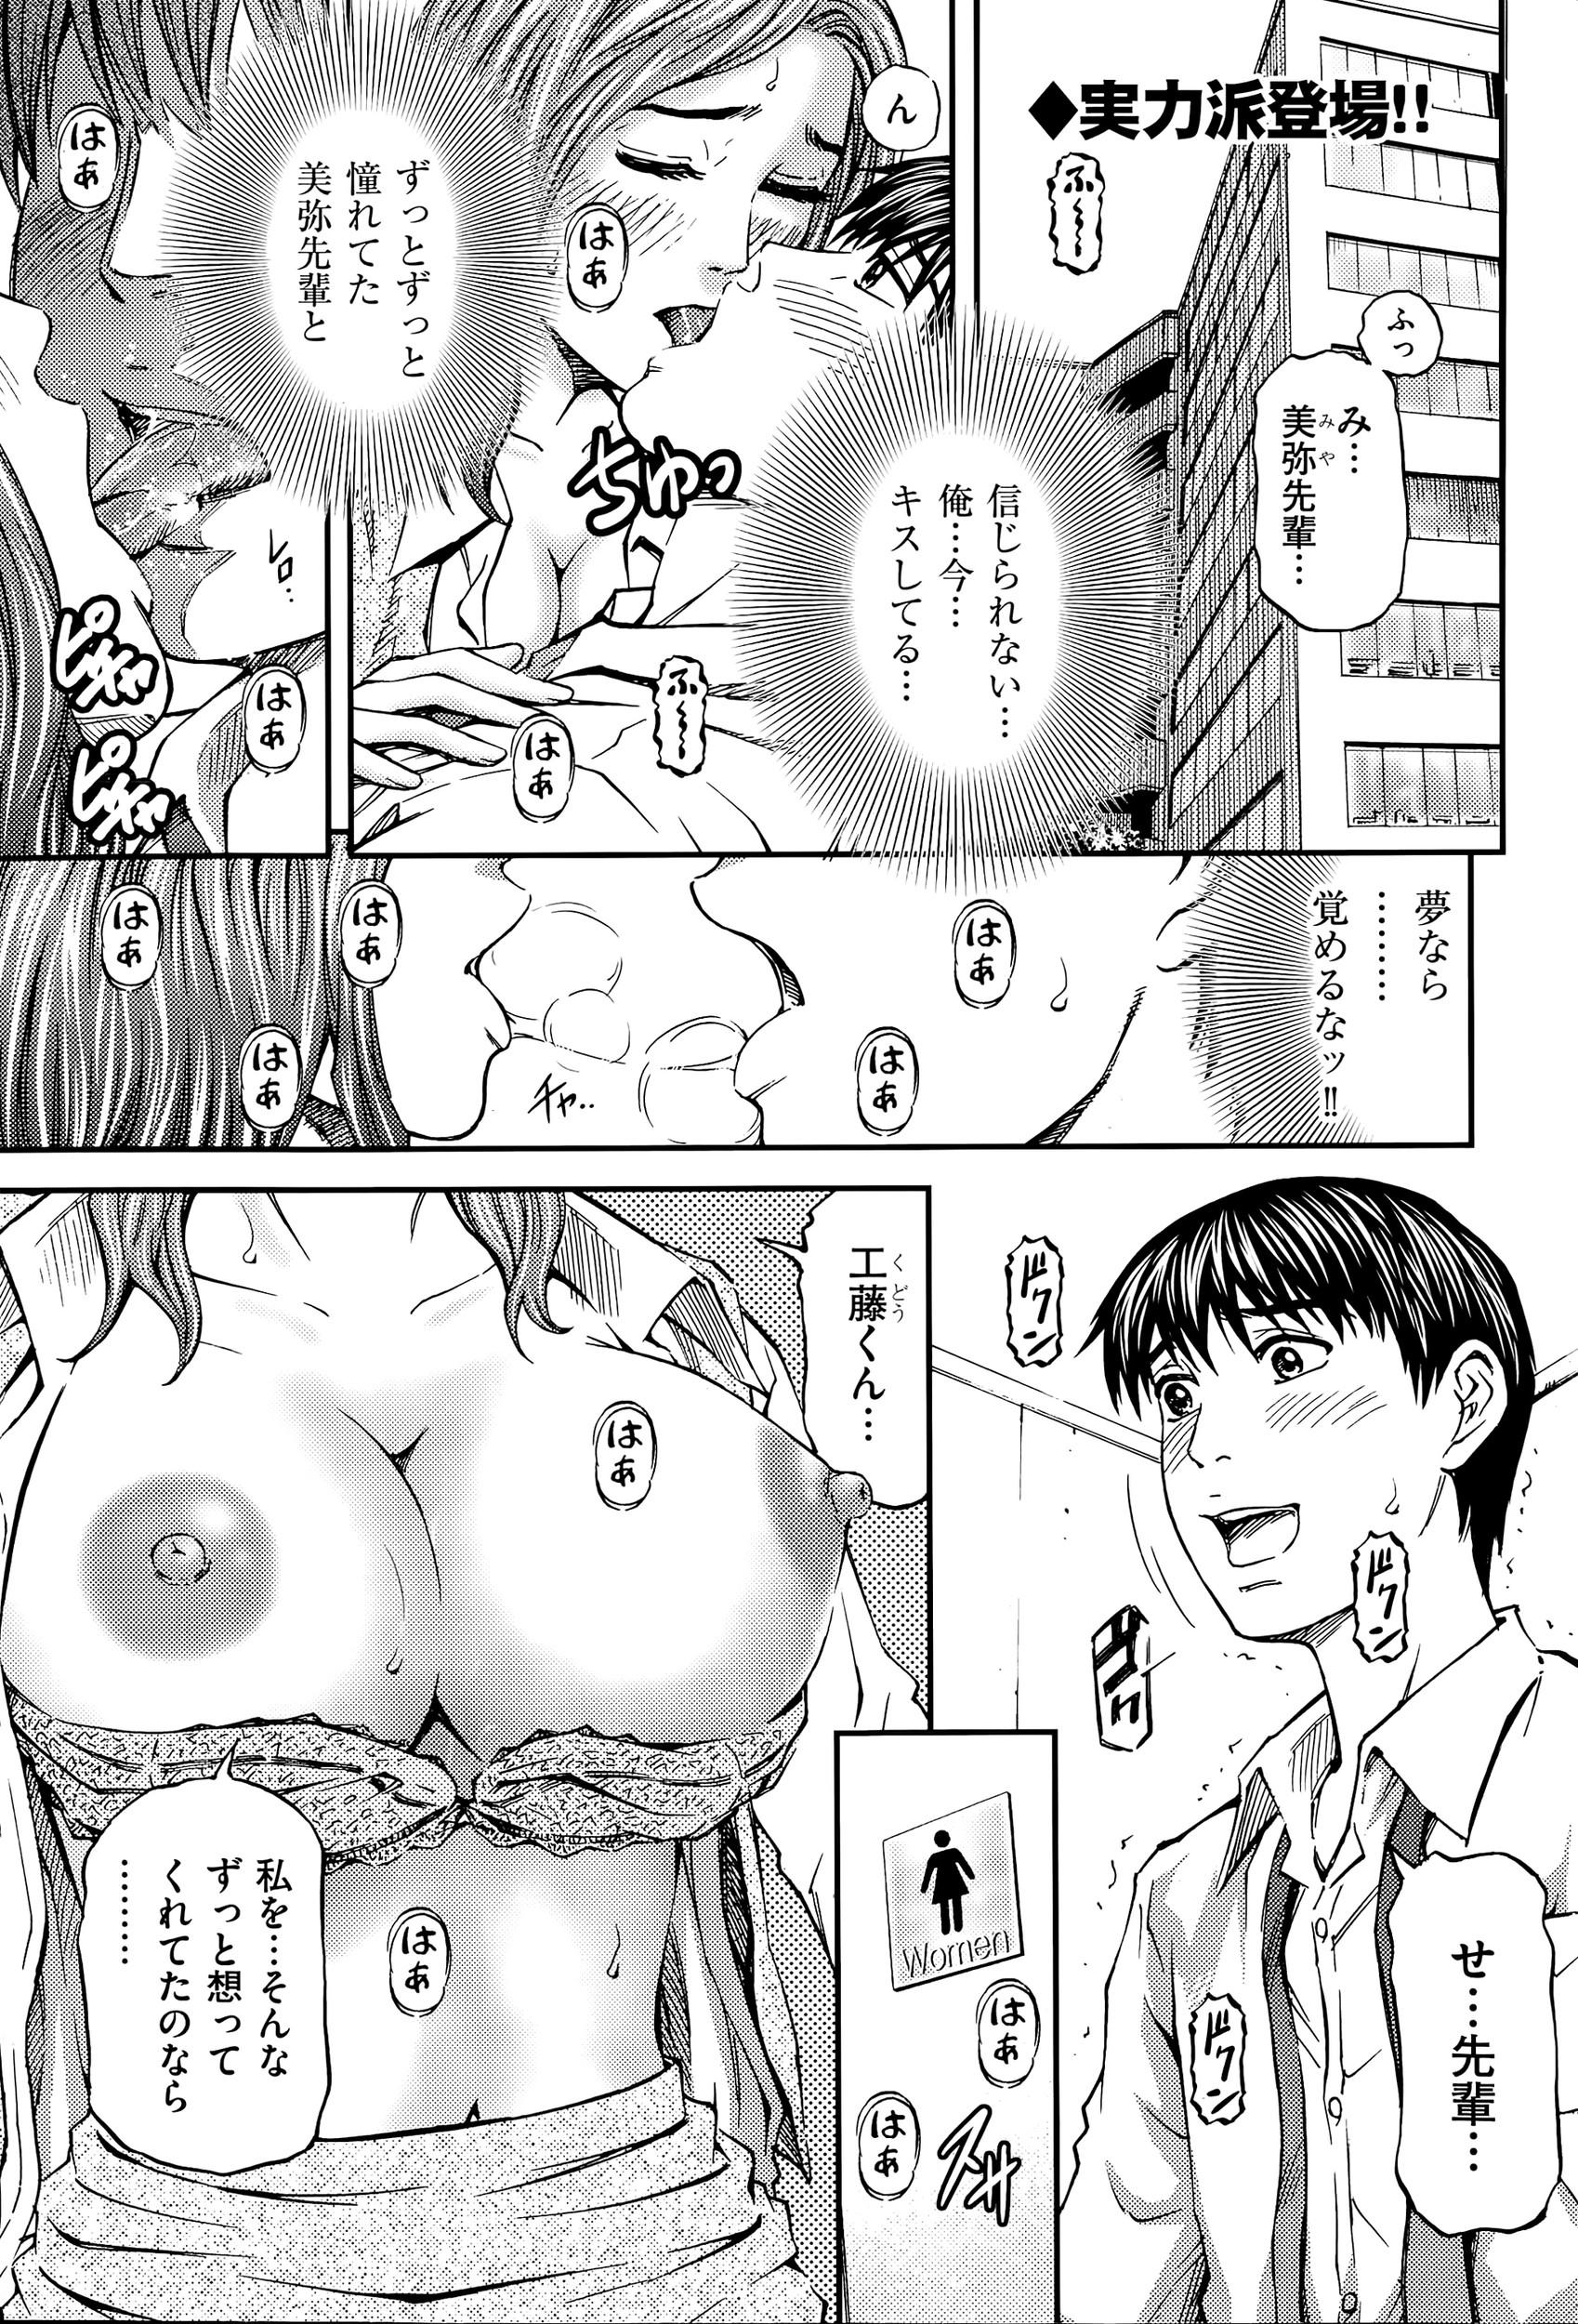 【エロ漫画・エロ同人誌】会社のトイレで憧れの巨乳な先輩とエッチしますたwww